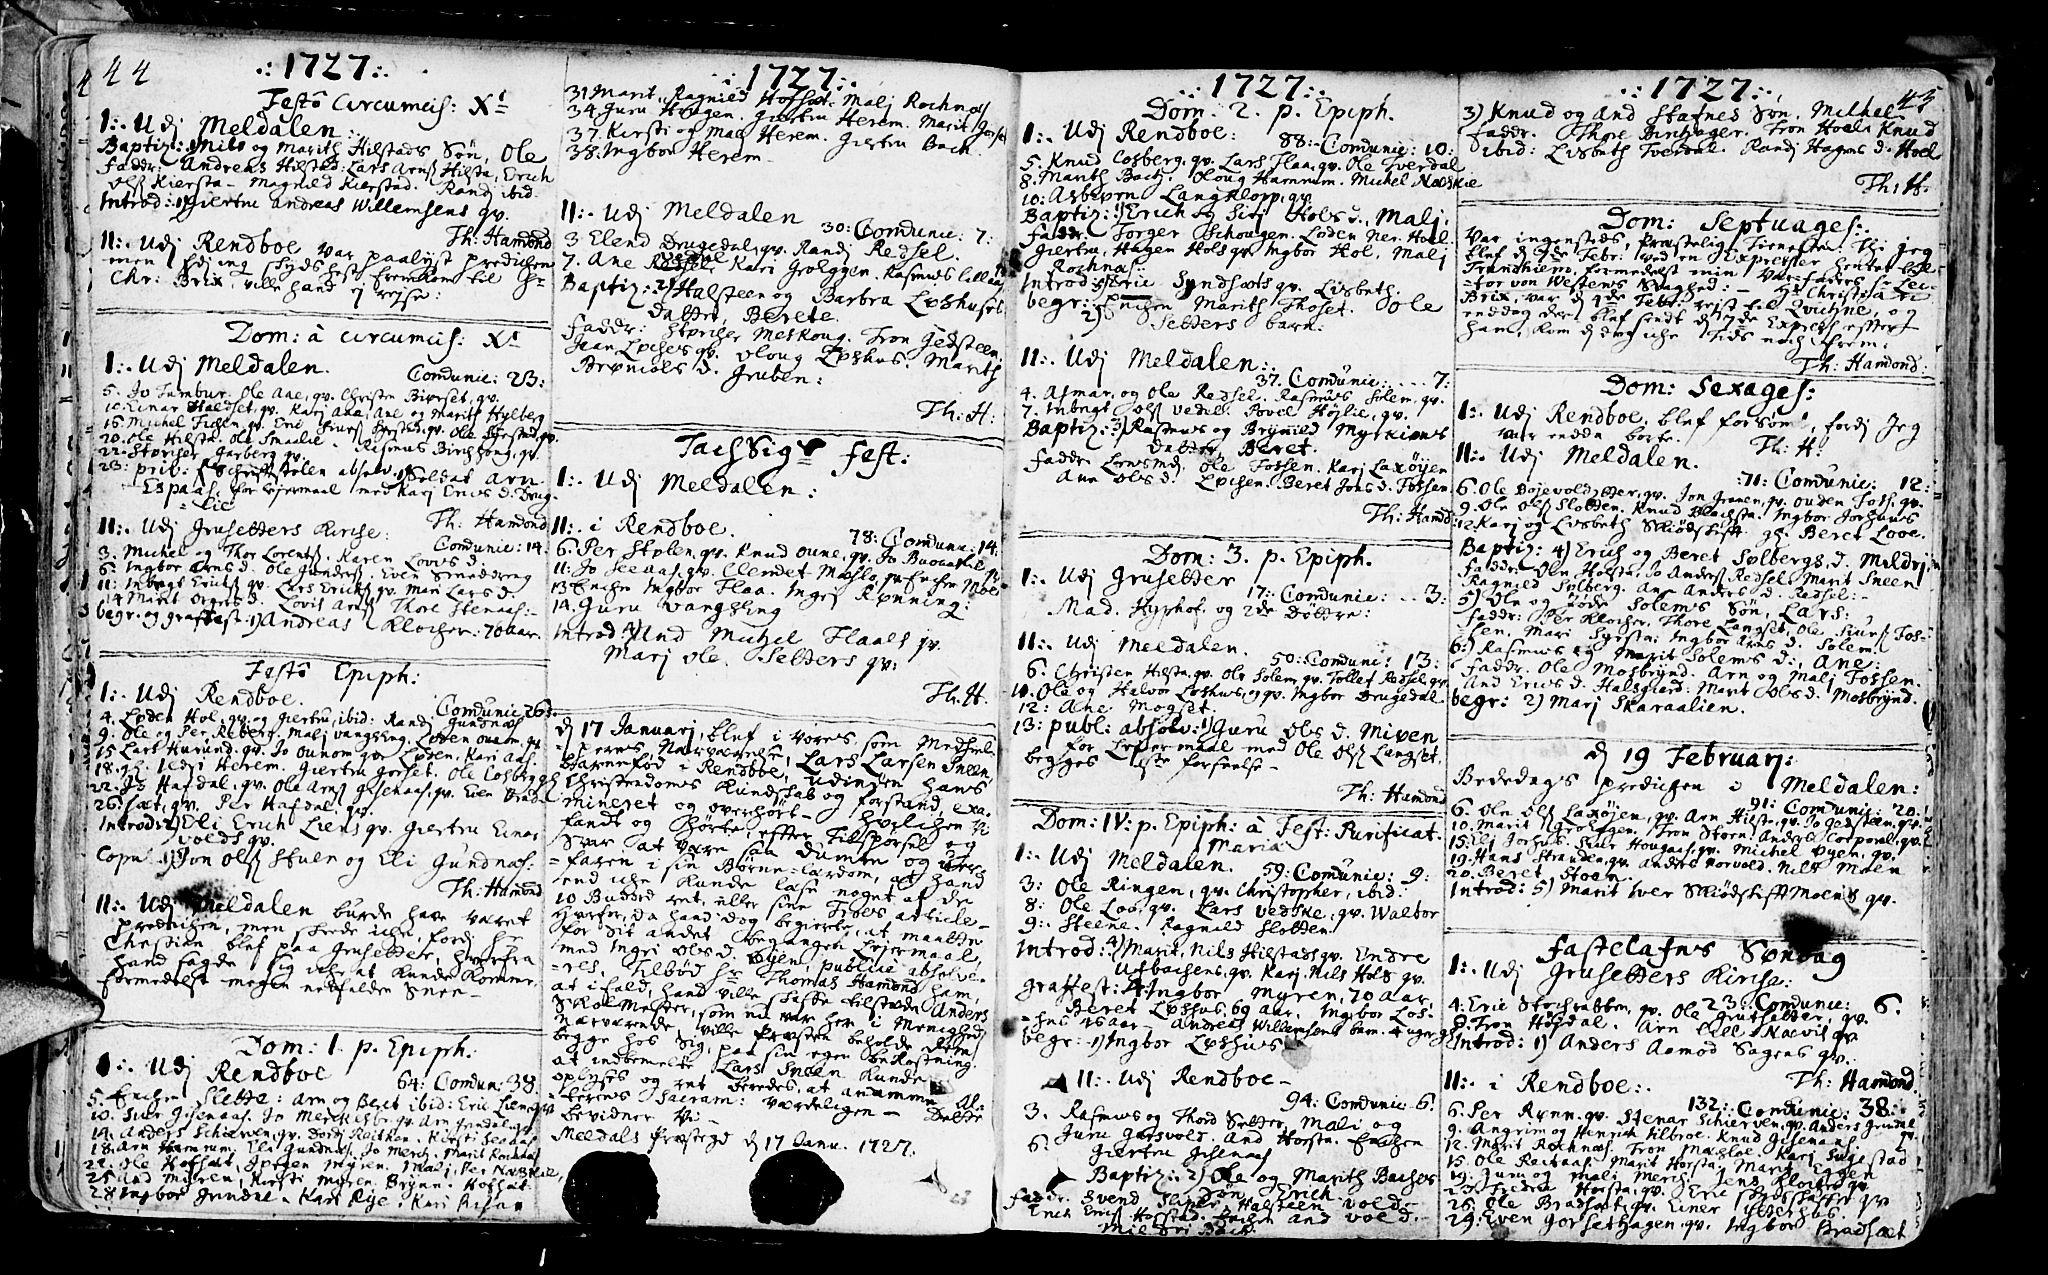 SAT, Ministerialprotokoller, klokkerbøker og fødselsregistre - Sør-Trøndelag, 672/L0850: Ministerialbok nr. 672A03, 1725-1751, s. 44-45